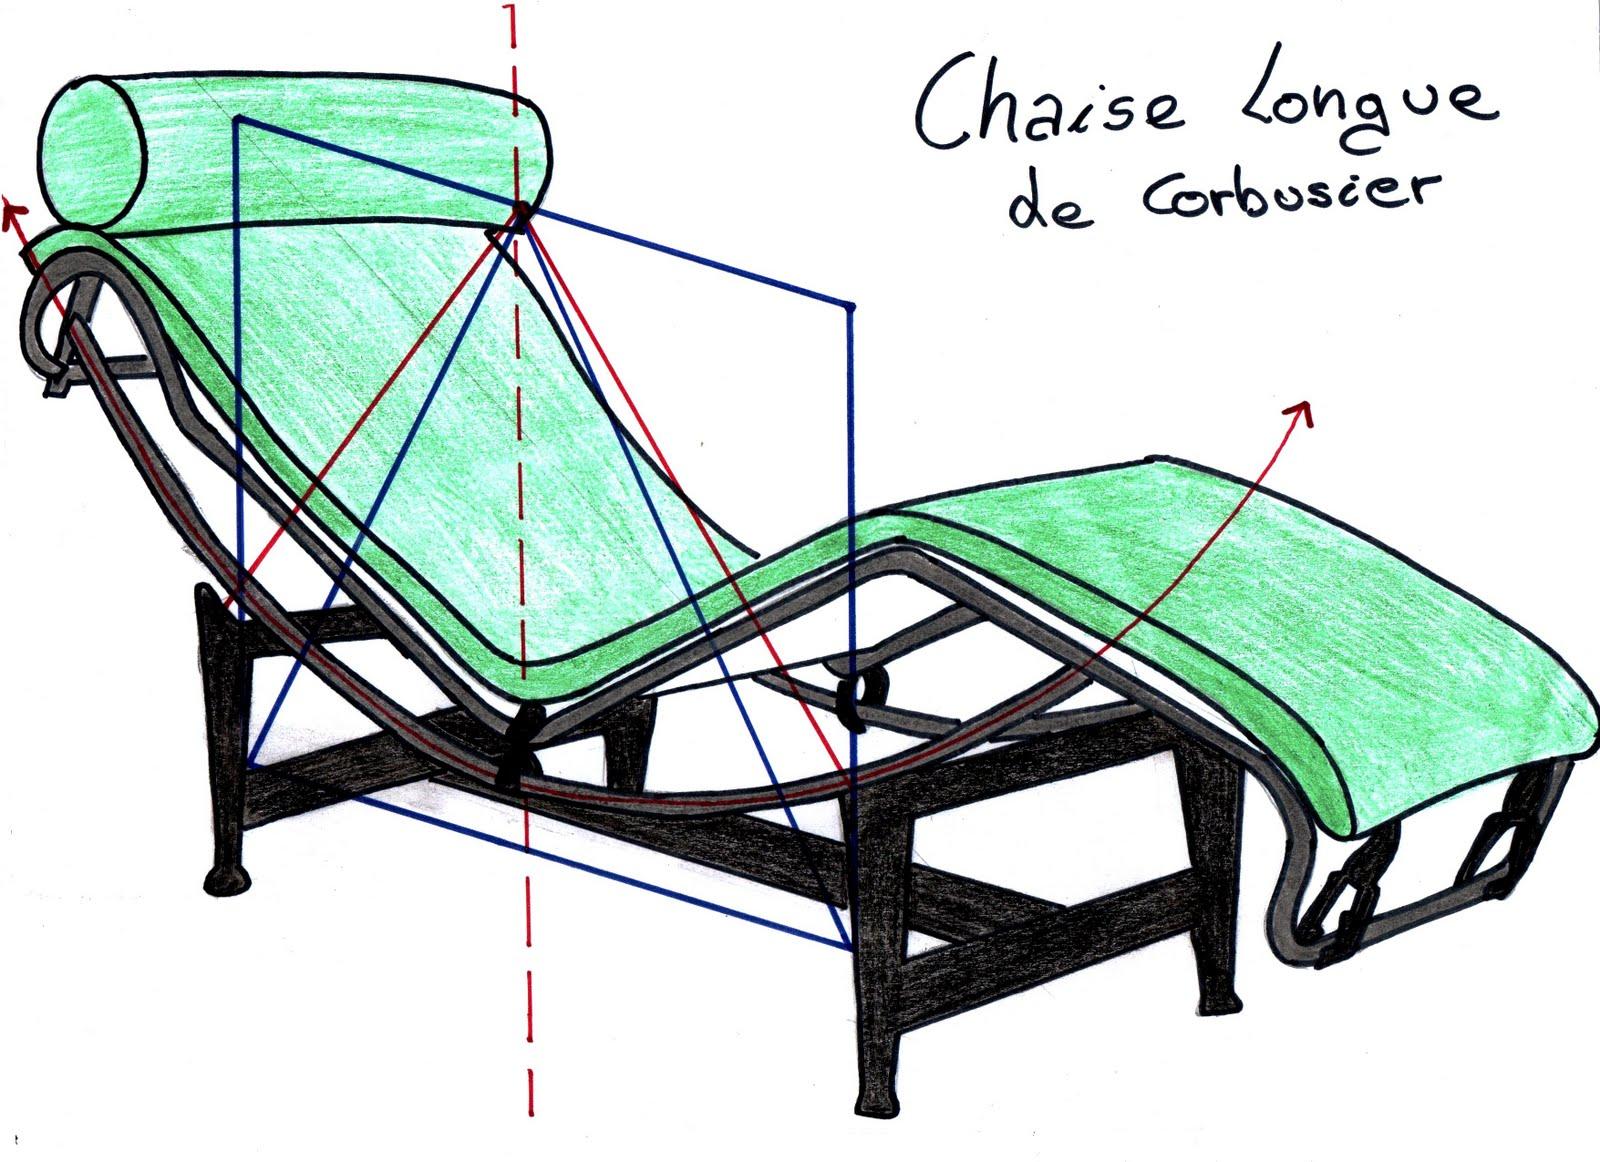 cecilia polidori twice design e sam. Black Bedroom Furniture Sets. Home Design Ideas